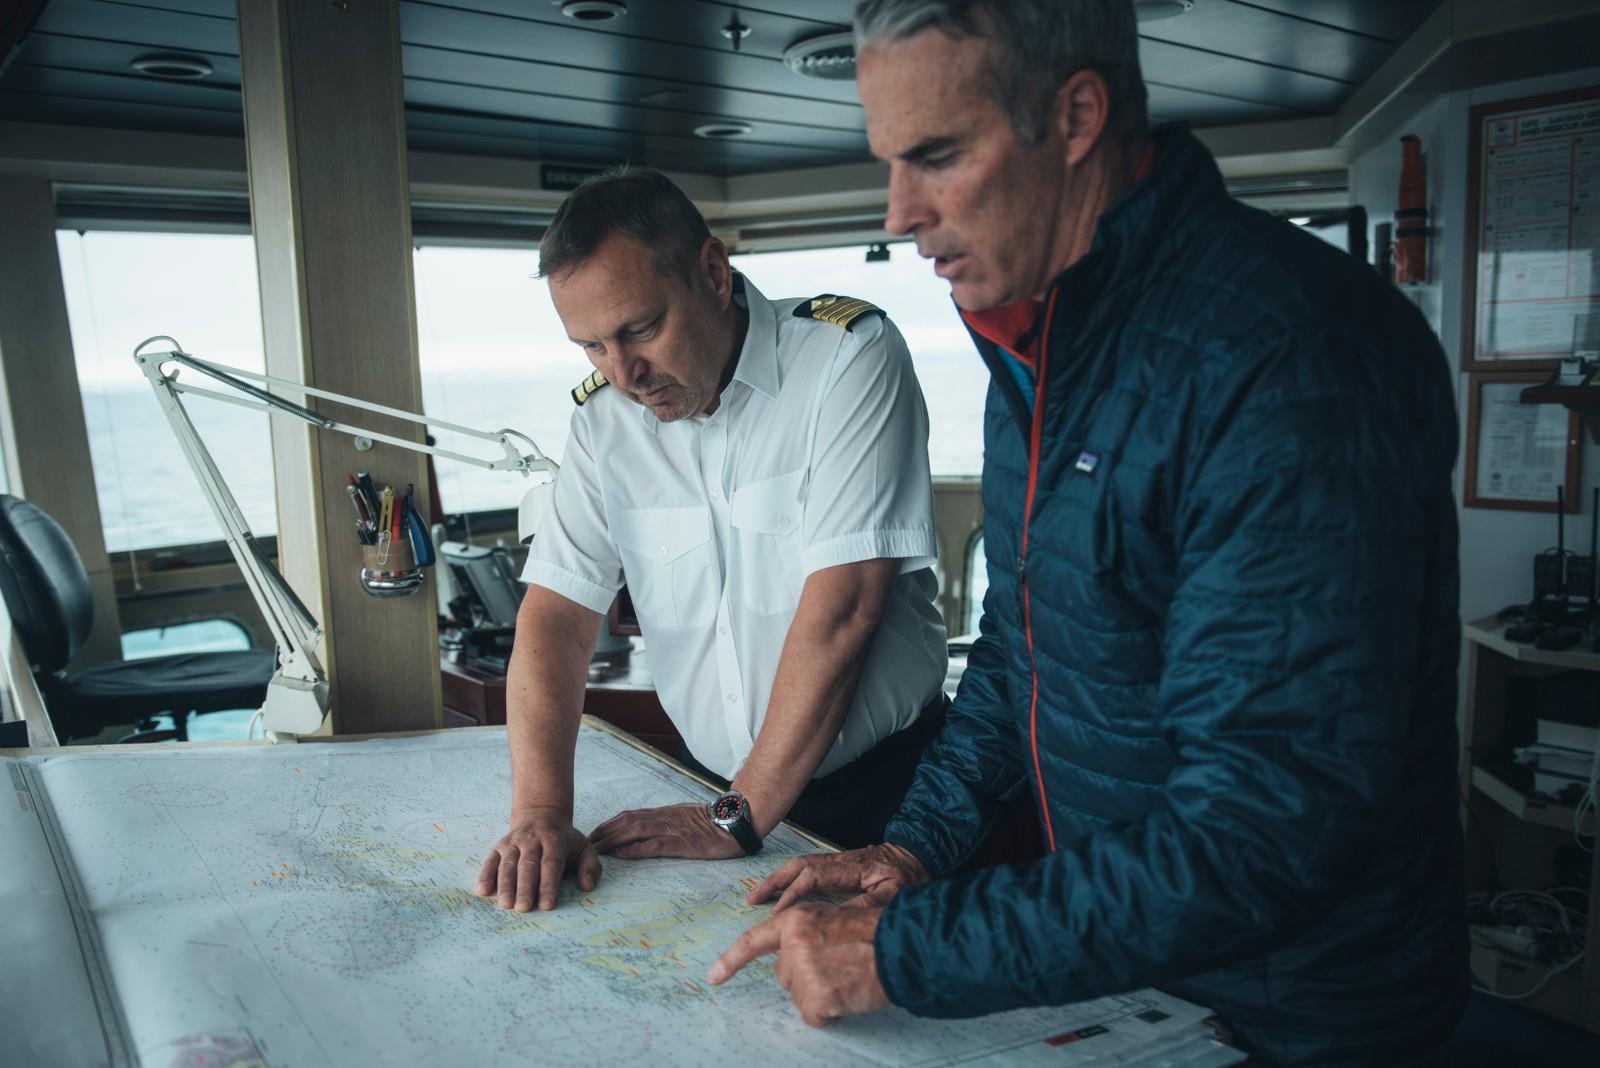 Lewis Pugh (til høyre) har forberedt klimakampanjen sin lenge. Han trener i seks måneder for å være best mulig forberedt før han legger ut på denne type svømmeturer.